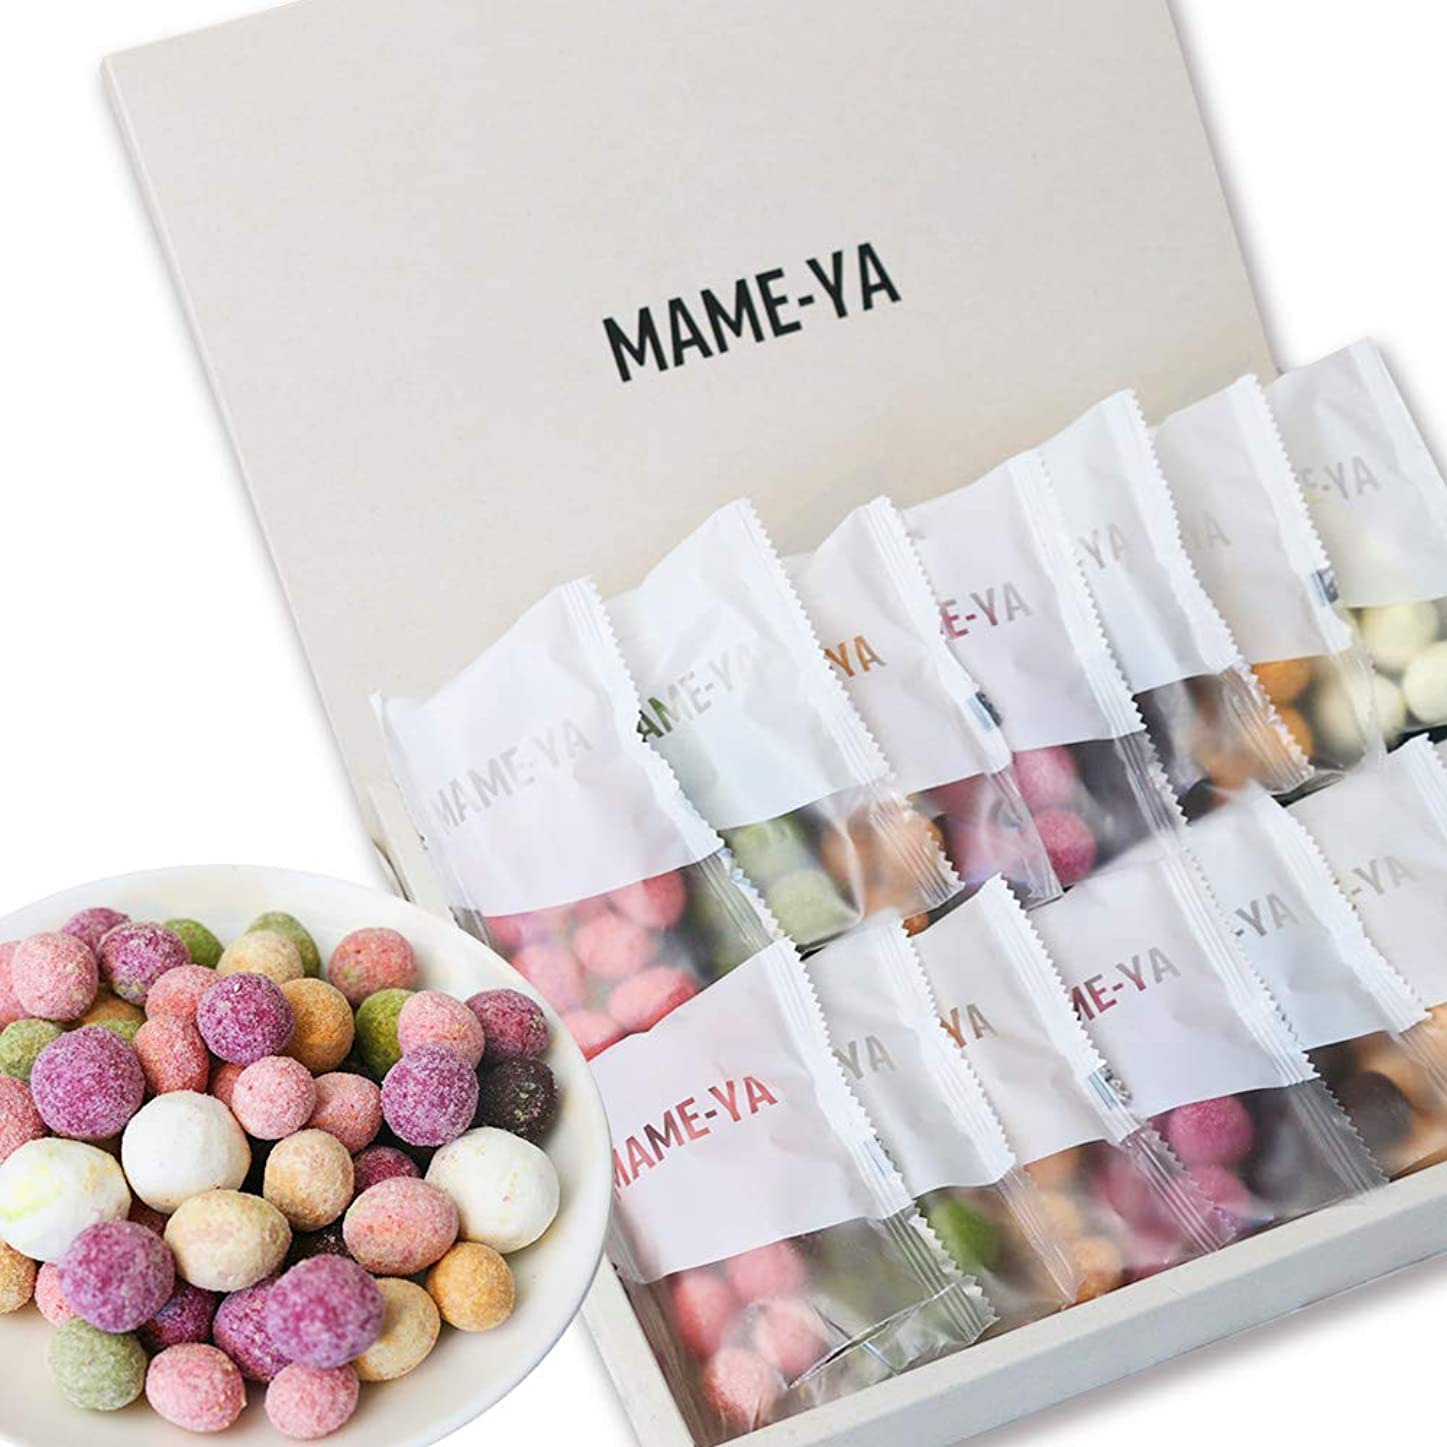 誘発するエクステント縞模様の父の日 おつまみ UMIMAME(ウミマメ) 海鮮おつまみセット メッセージカード 豆7種×2の14個セット